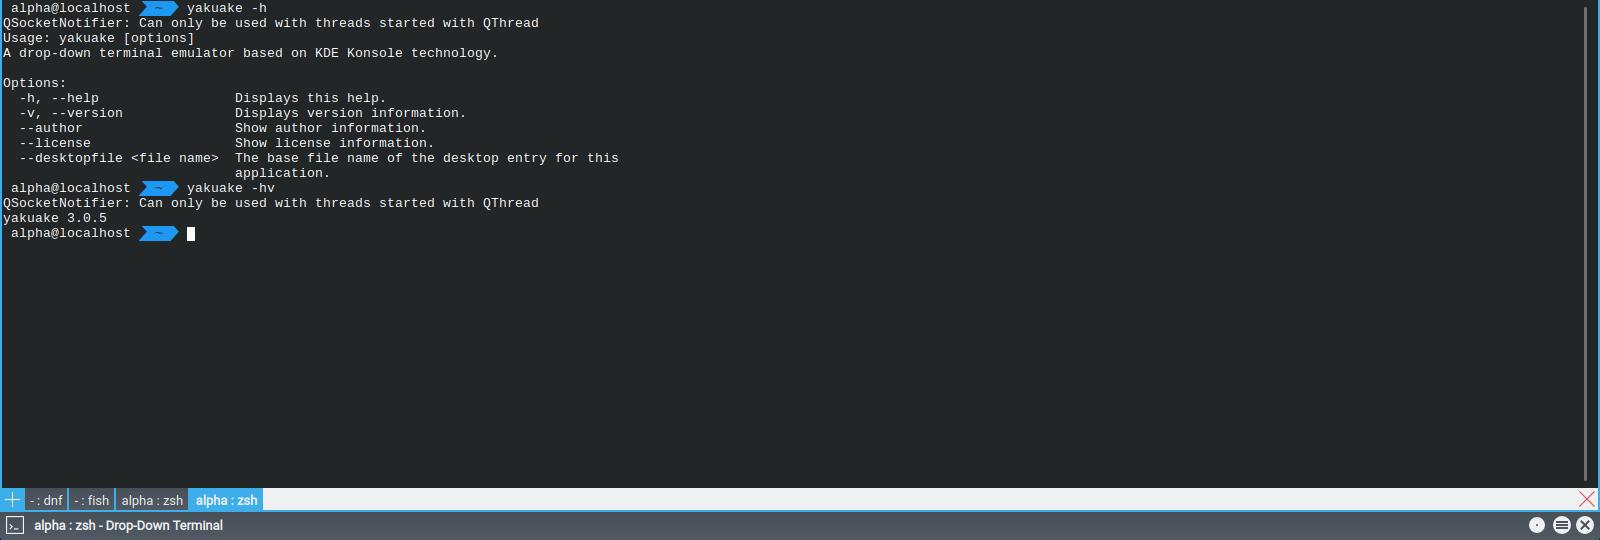 File:Yakuake 3 0 5 running on Plasma Desktop 5 16 using